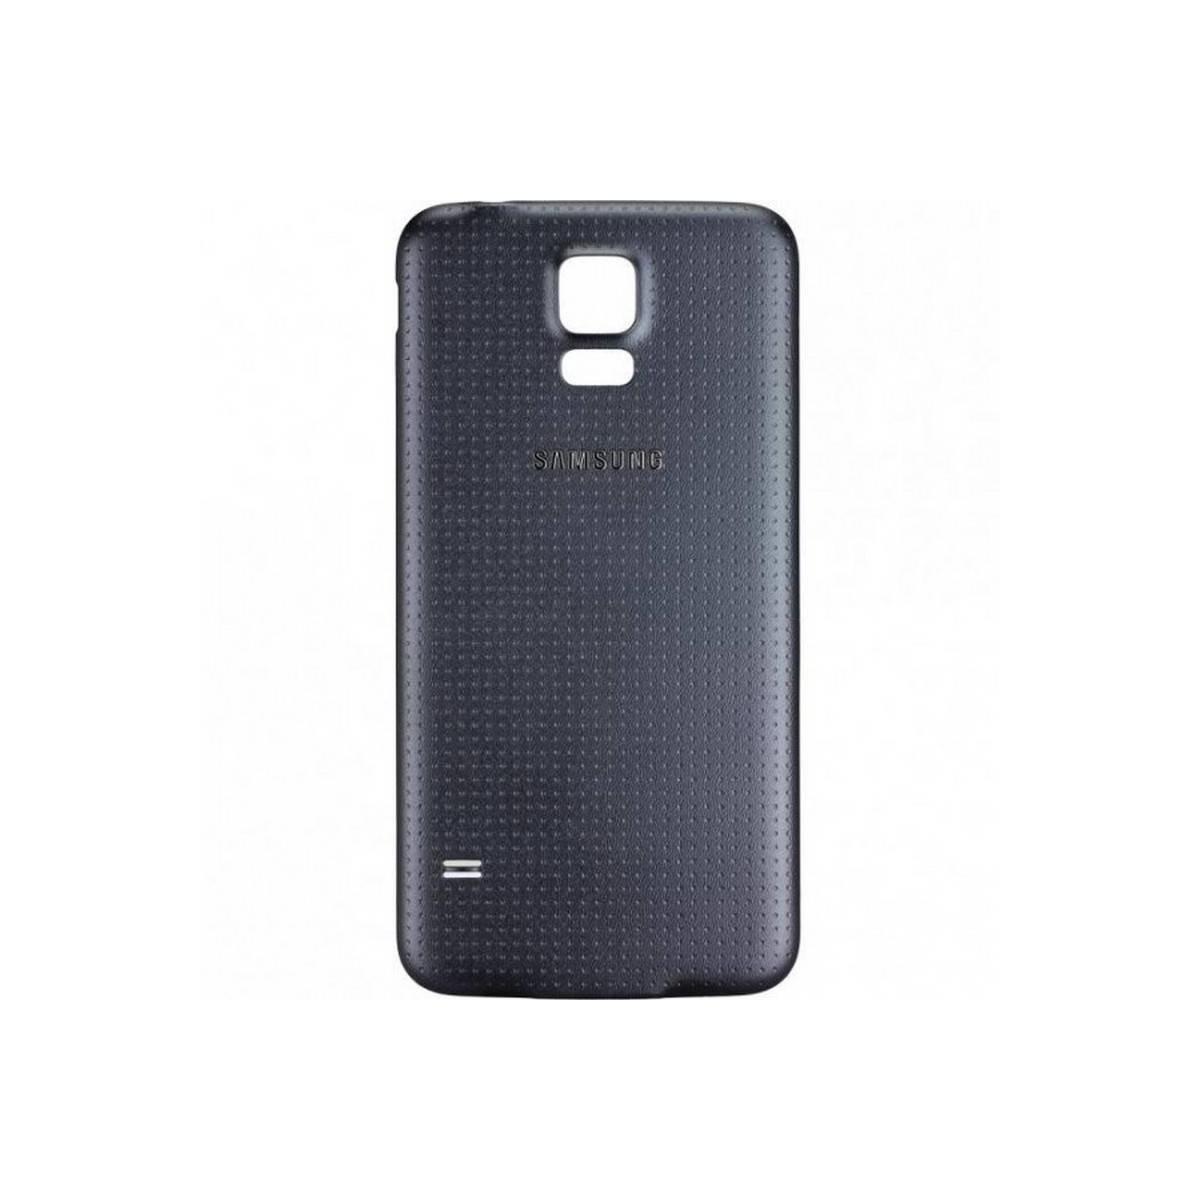 Tapa Trasera  para el Samsung Galaxy S5 G900 NEGRO